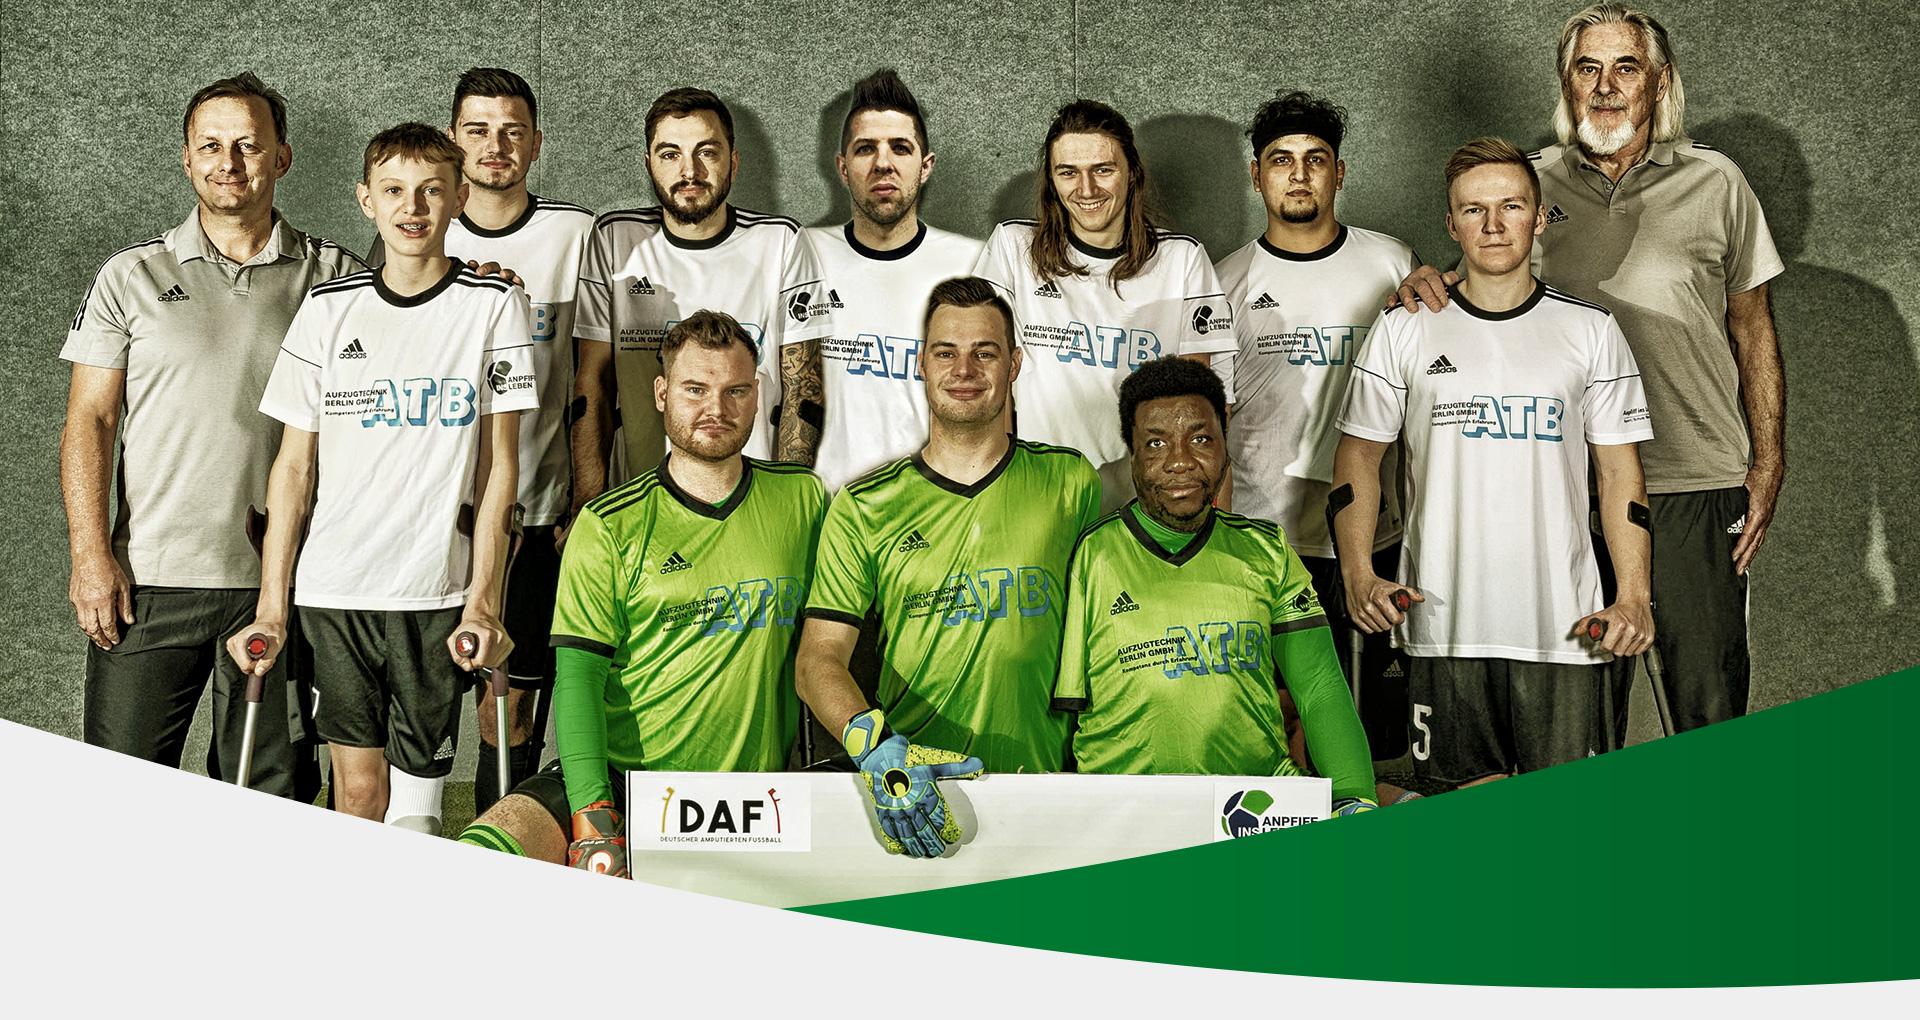 Kopfbild: Gruppenbild der deutschen Amputierten Fußball Nationalmannschaft Krakau 2021